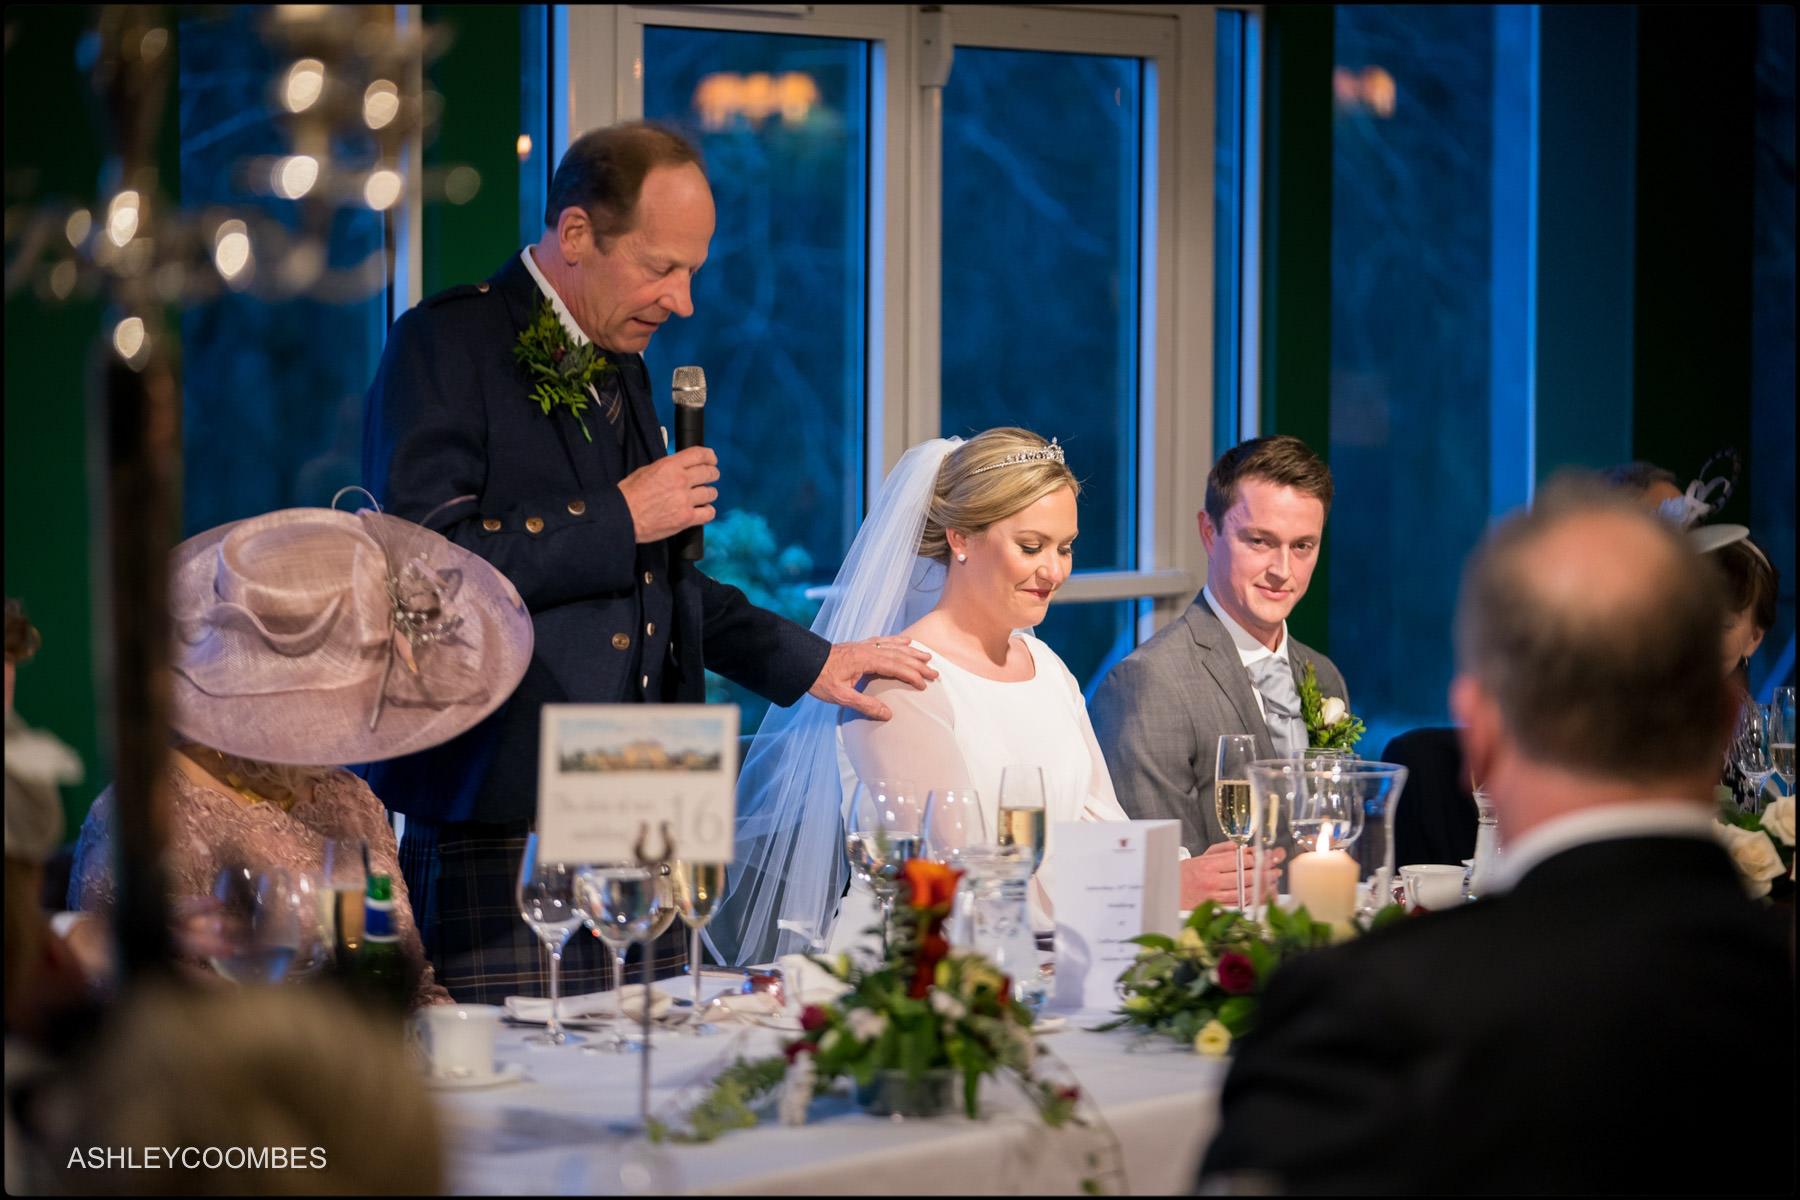 dad touches bride's shoulder during speech